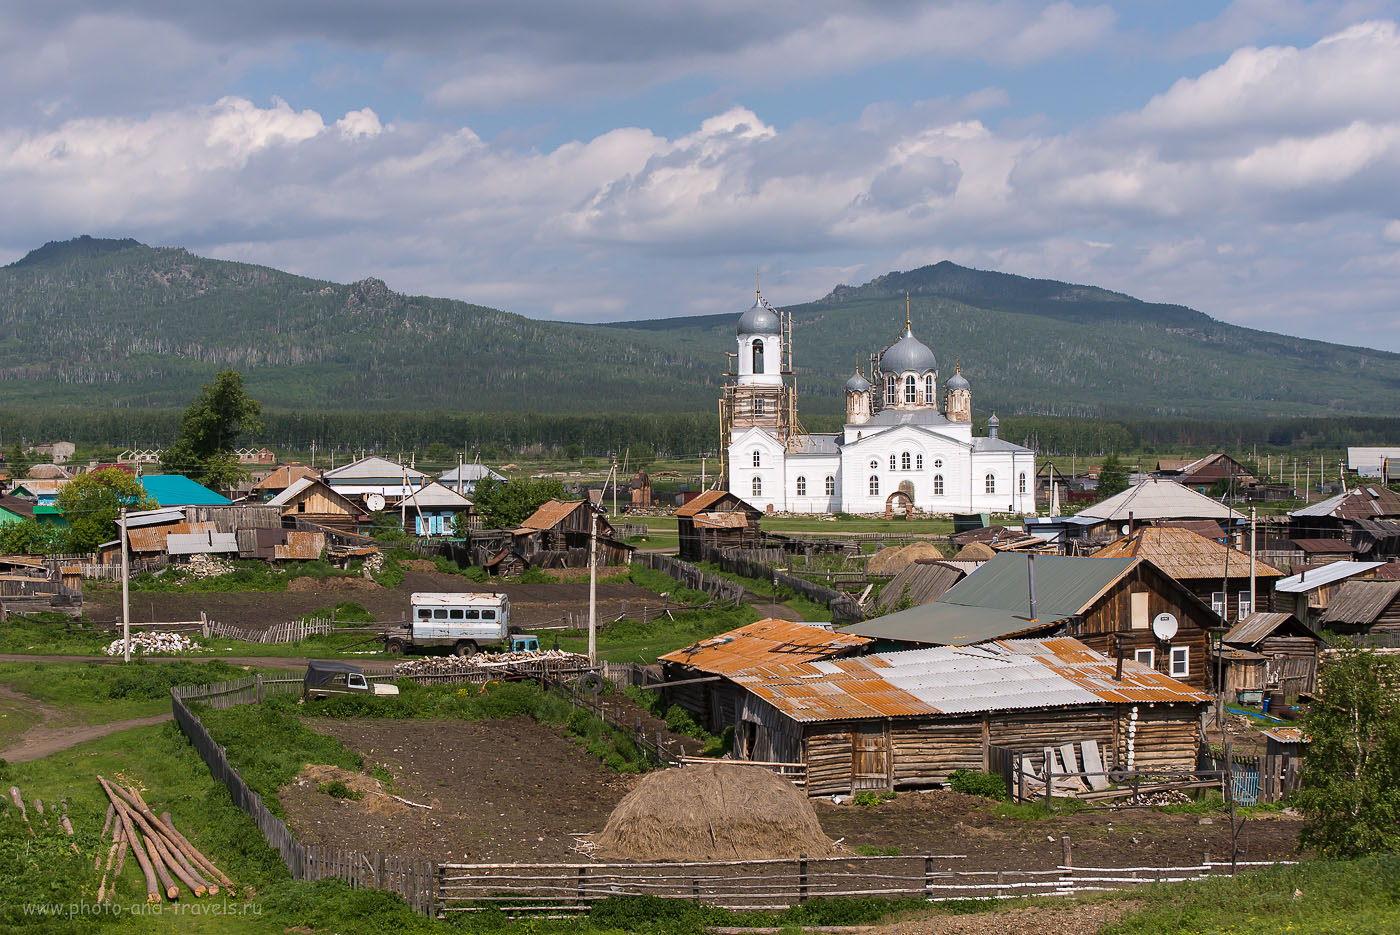 Панорама села Вознесенка в Учалинском районе Башкортостана